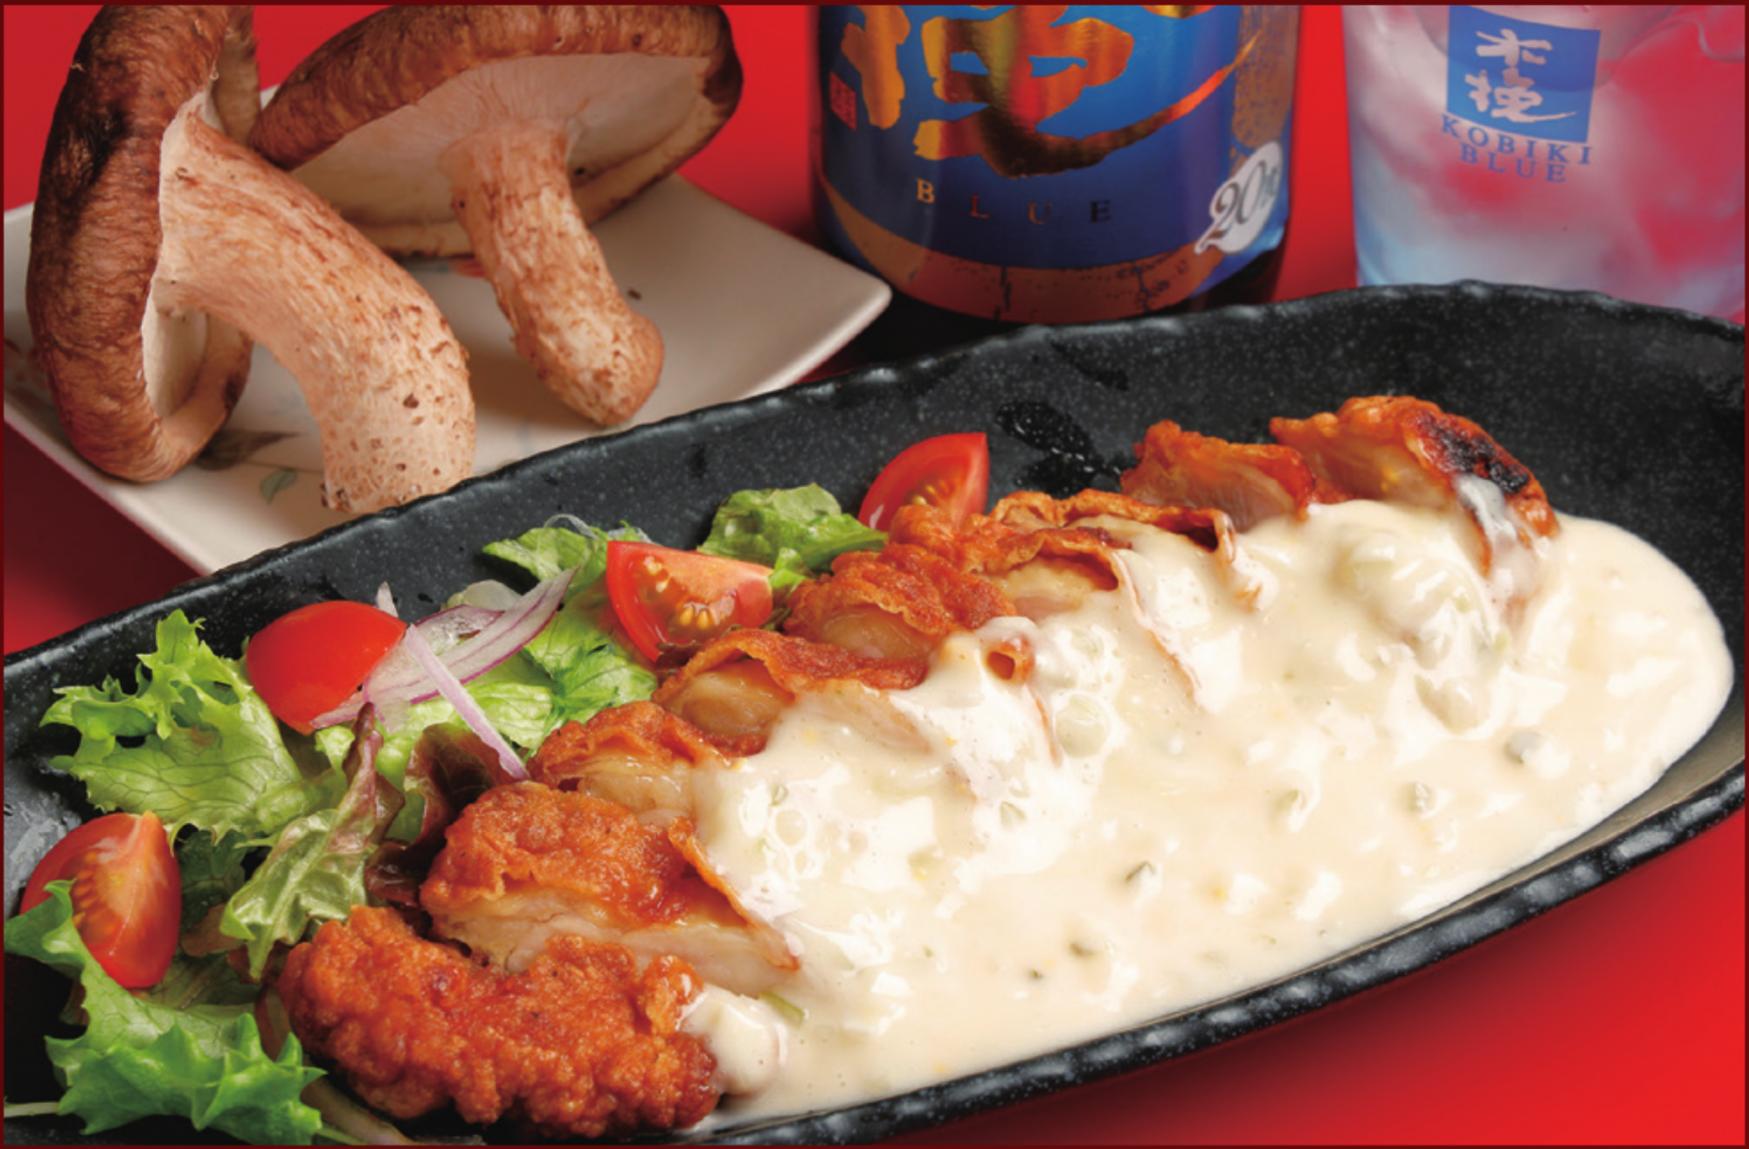 """鶏肉の部位、タルタルソースなどで異なる味 """"推し店""""、""""推しメニュー""""を探せ!-3"""